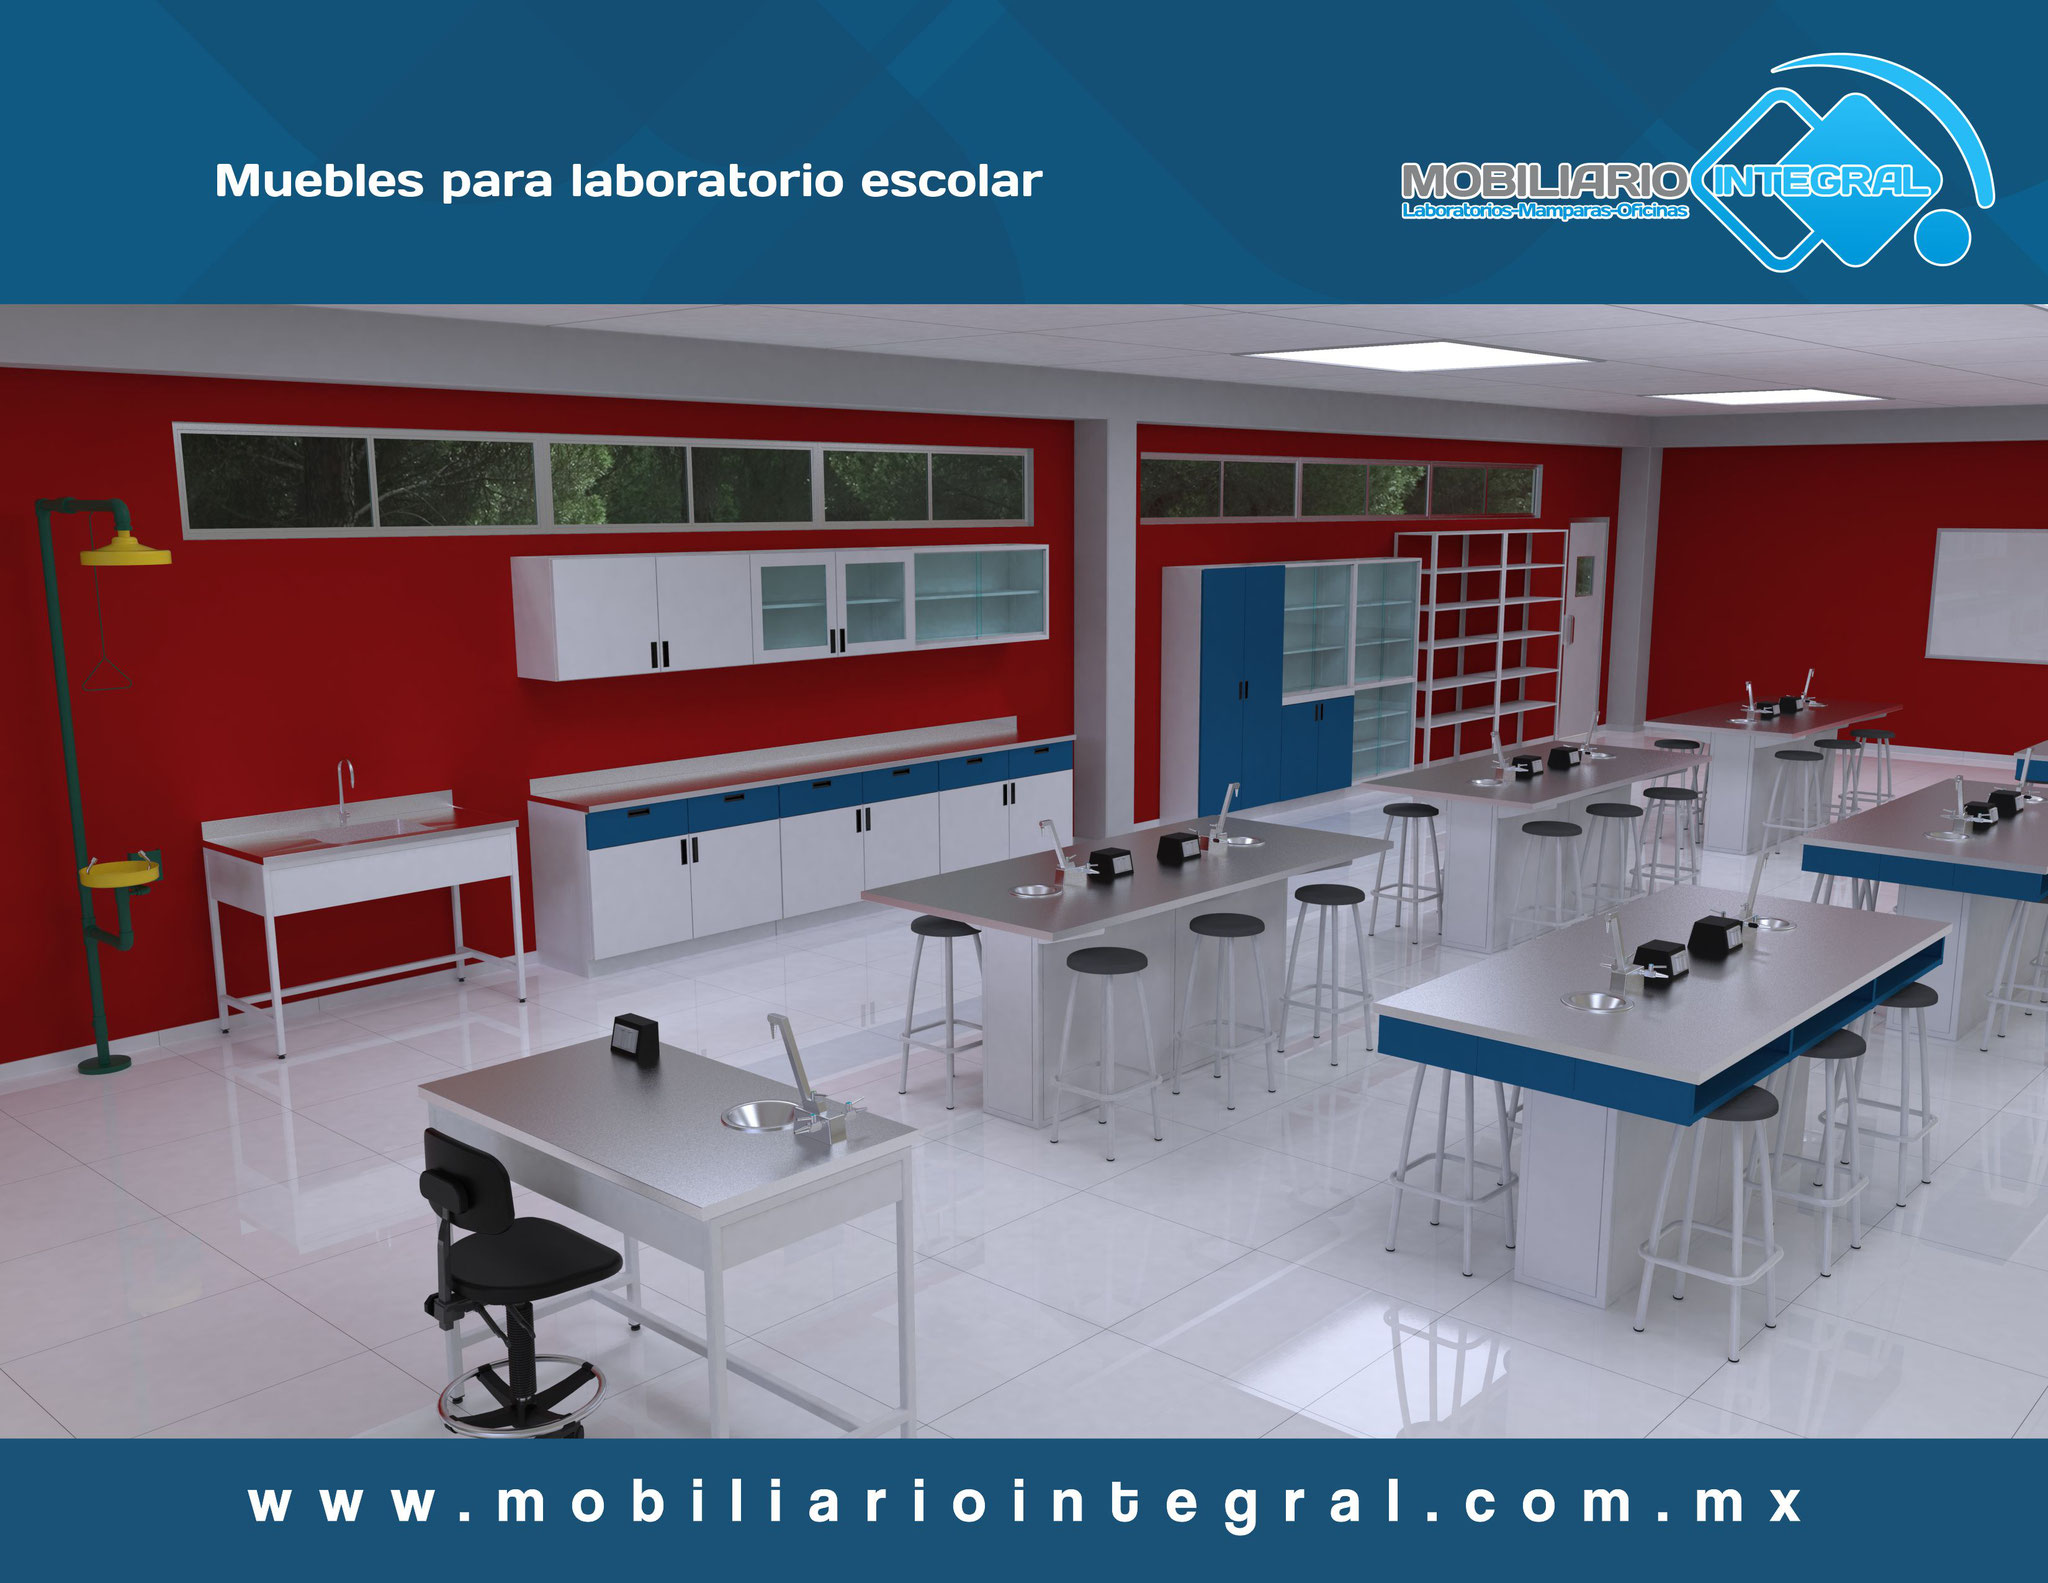 Muebles para laboratorio escolar Jalisco